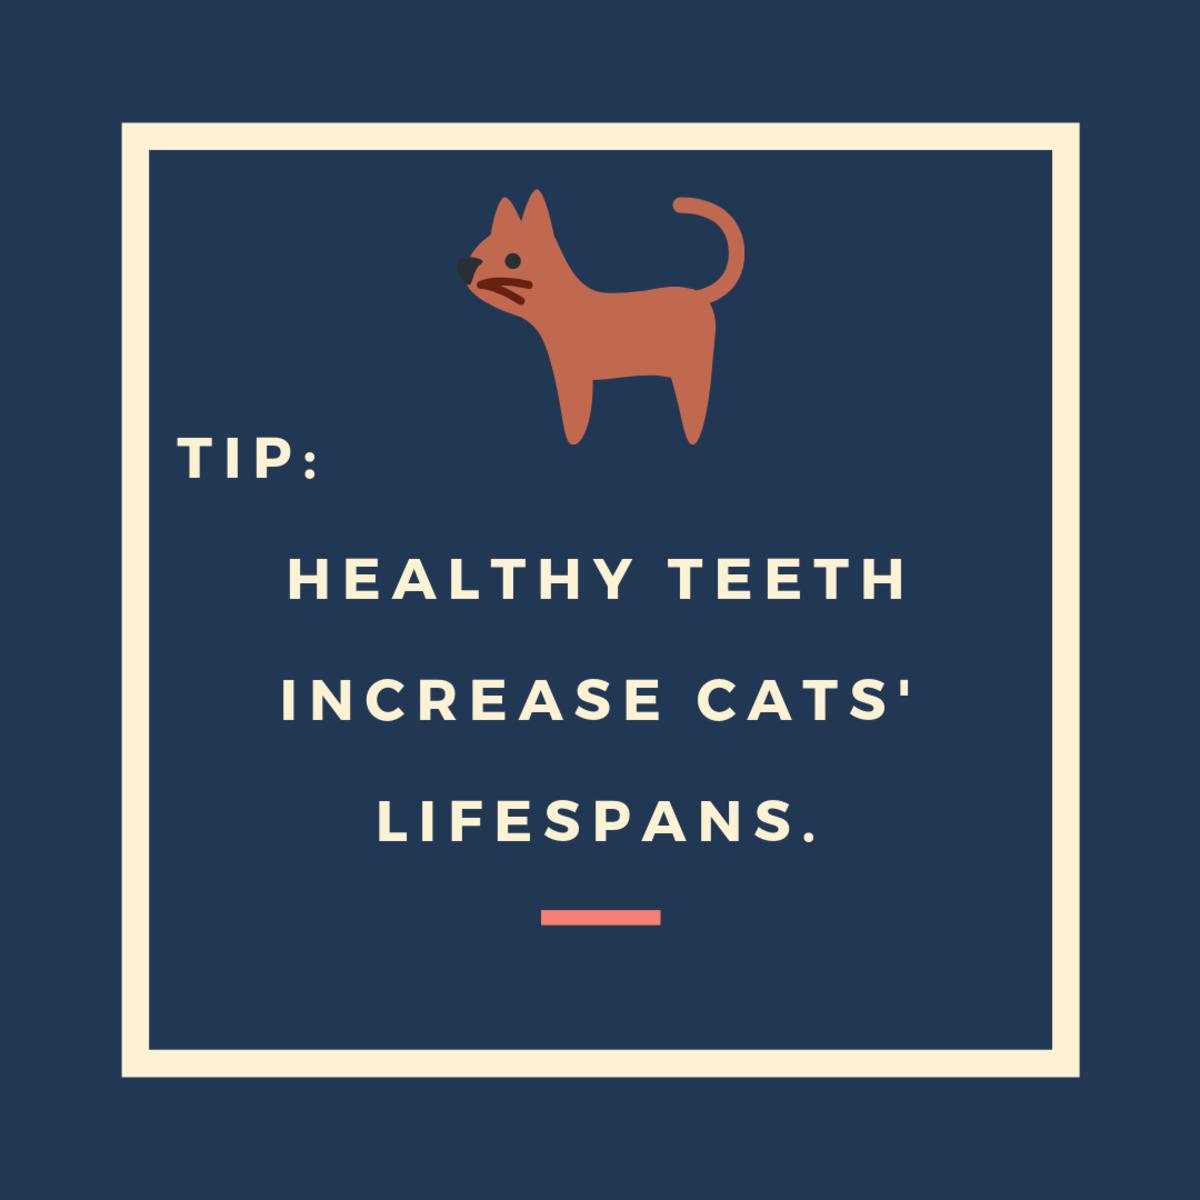 Practice Good Dental Hygiene